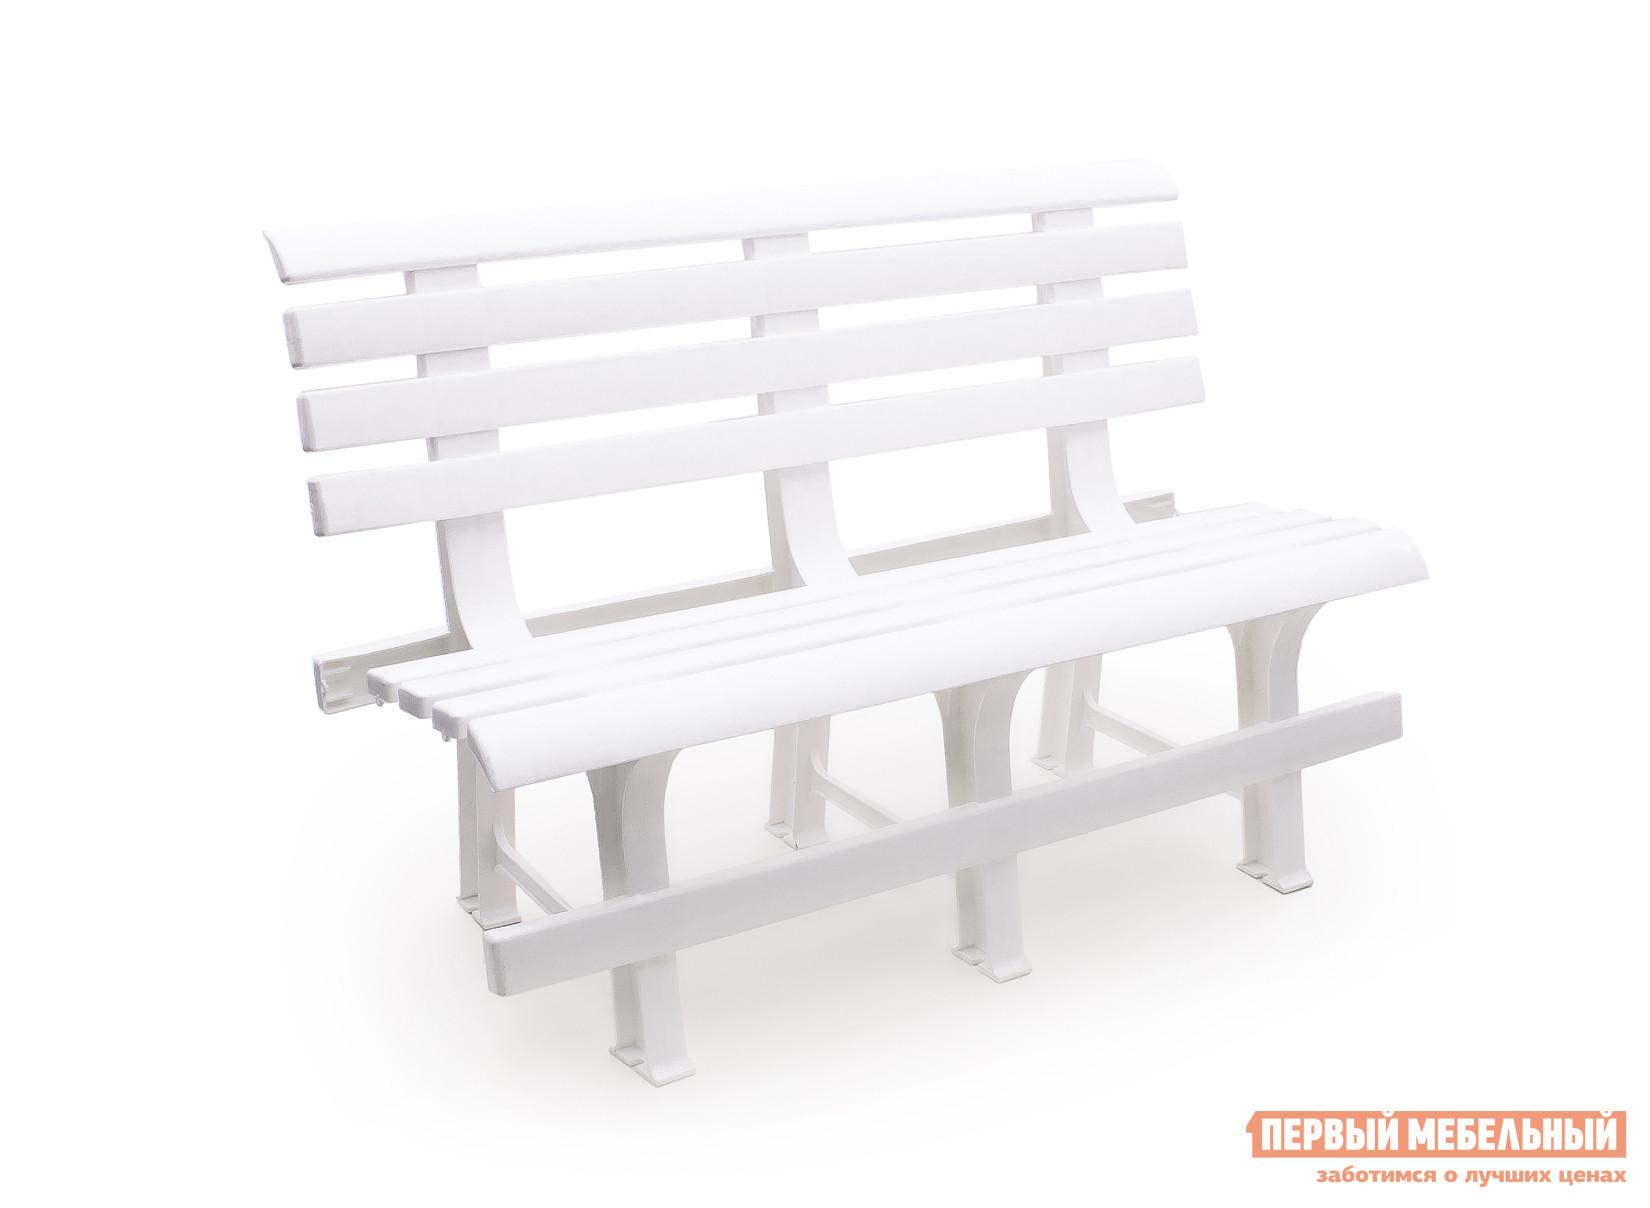 Скамейка Стандарт Пластик Скамья №2 (1200х530х800) мм БелыйСкамейки и лавочки<br>Габаритные размеры ВхШхГ 800x1200x530 мм. Подыскивая бюджетный вариант скамьи для дачи обратите внимание на модель Скамья №2.  На такой пластиковой скамье с высокой удобной спинкой можно отдохнуть между дачными делами или вечером посидеть с соседями за обсуждением новостей.  Спинка и сиденье выполняются в виде поперечных реек, такой подход обеспечивает вентиляцию, что важно в жаркий период времени.  Практичный материал исполнения позволяет разместить скамью на улице и не убирать ее в течение всего сезона.  Также пластик отличается эксплуатационными свойствами и прочностью.  Изделие готово выдержать нагрузку до 250 кг.<br><br>Цвет: Белый<br>Высота мм: 800<br>Ширина мм: 1200<br>Глубина мм: 530<br>Кол-во упаковок: 1<br>Форма поставки: В собранном виде<br>Срок гарантии: 1 год<br>Тип: Со спинкой<br>Назначение: Для дачи<br>Назначение: Для сада<br>Материал: Пластик<br>Размер: Маленькие<br>Размер: Широкие<br>Без подлокотников: Да